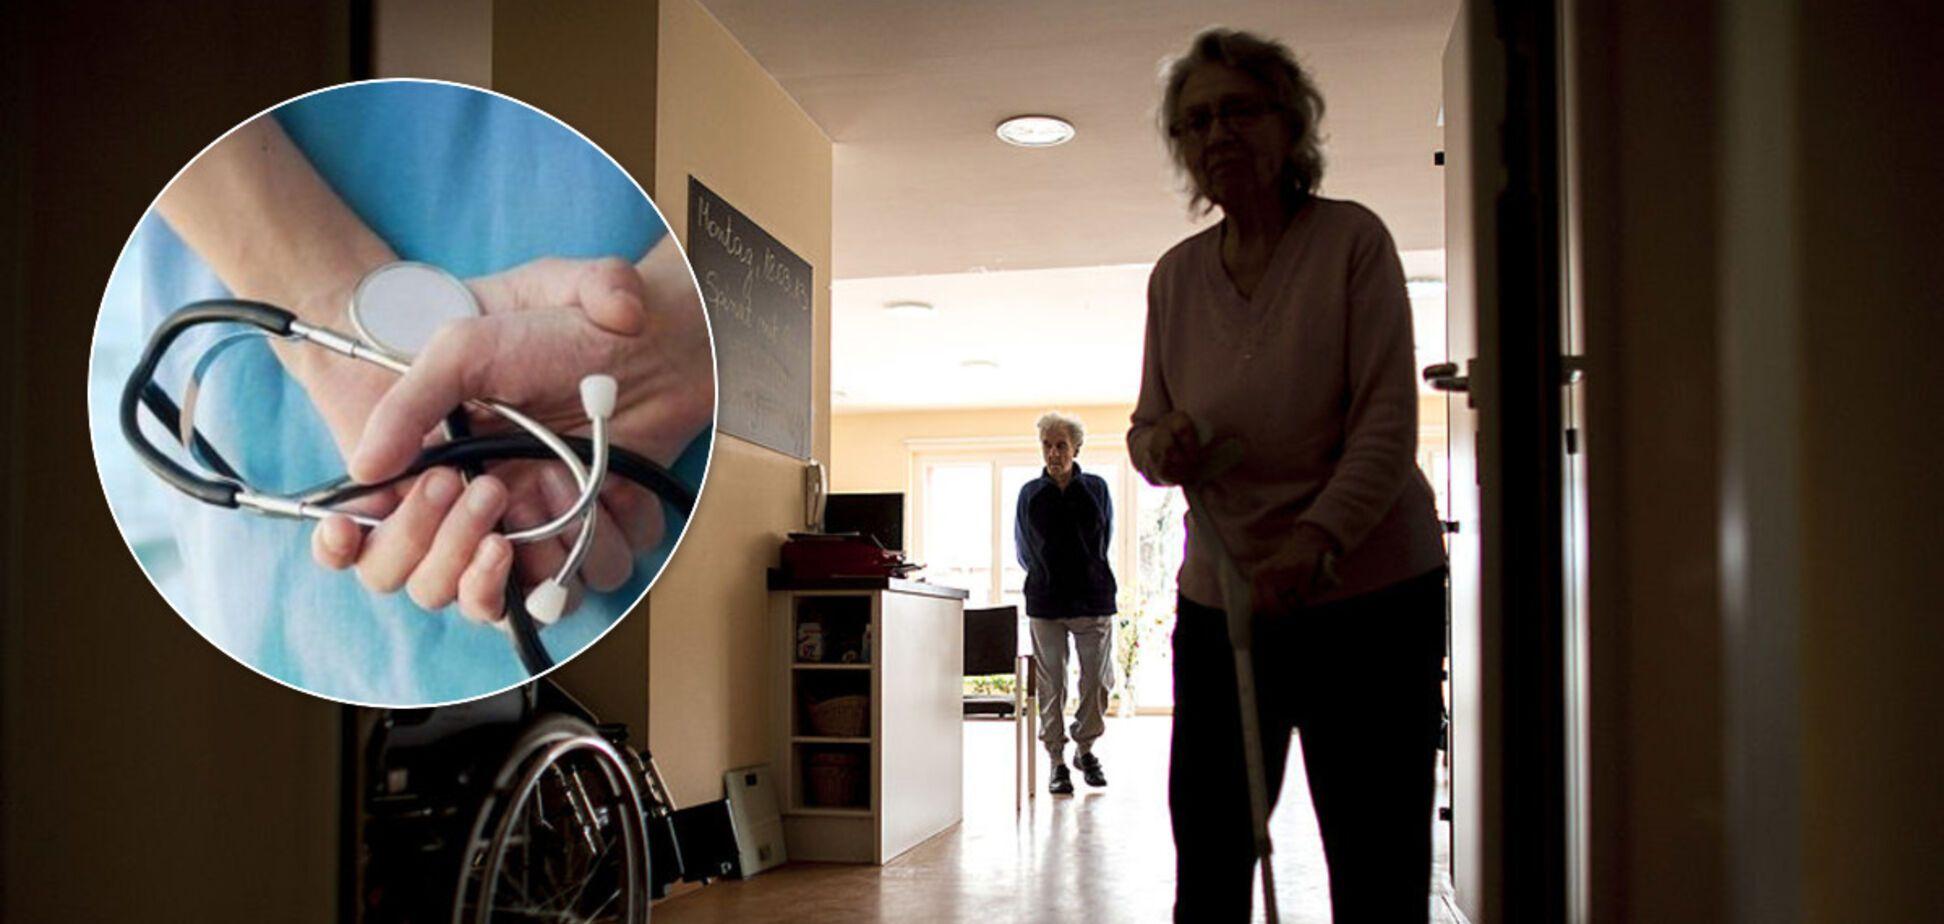 Остались без еды из-за медреформы: врачи Львовской больницы обратились с криком души